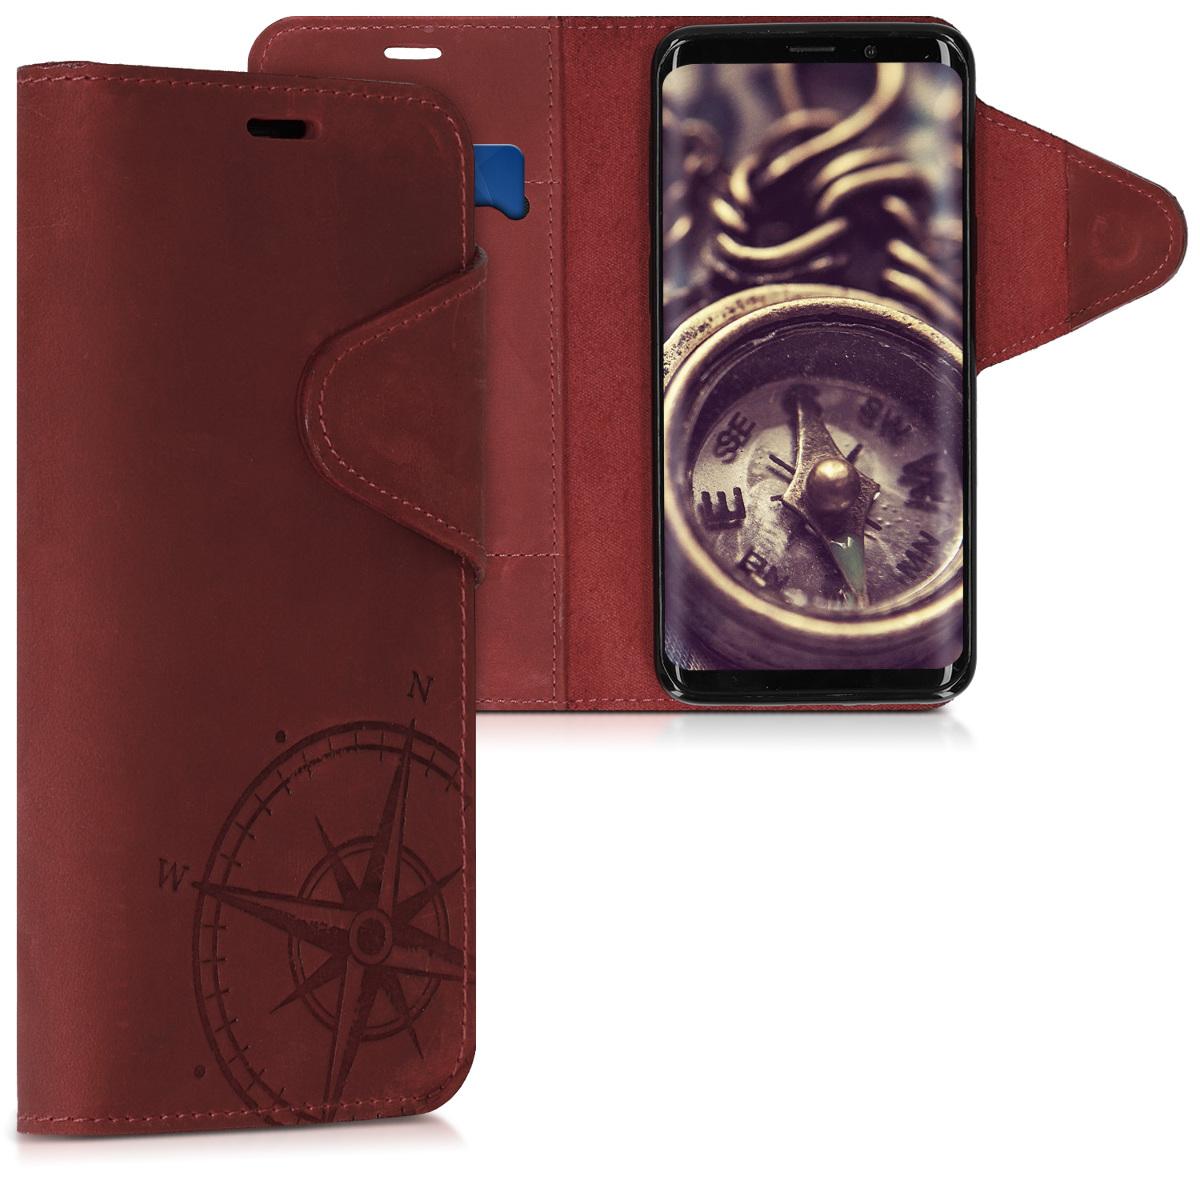 Kalibri Δερμάτινη Suede Θήκη - Πορτοφόλι Samsung Galaxy S9 - Dark Red (45816.02)